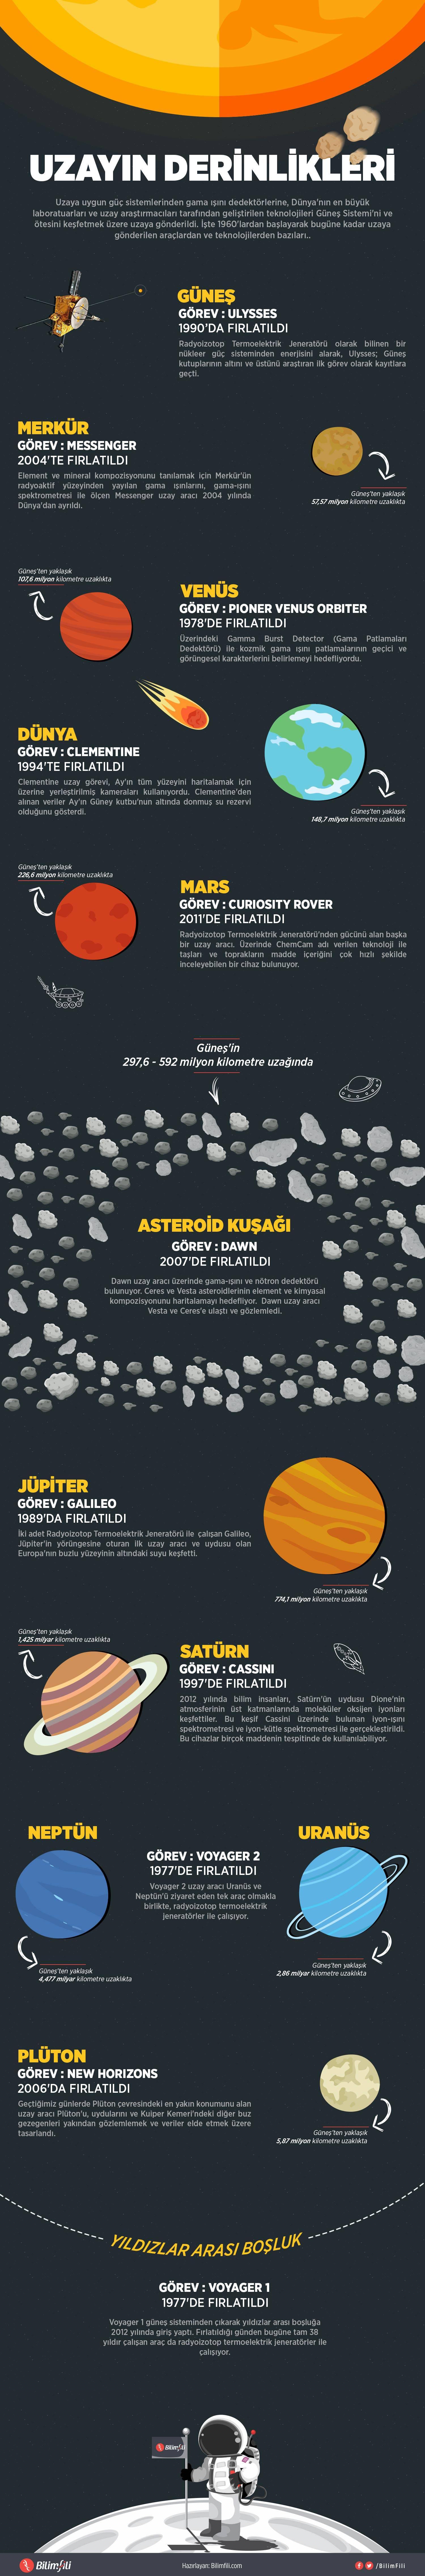 uzayin-derinlikleri-infografik1-bilimfilicom